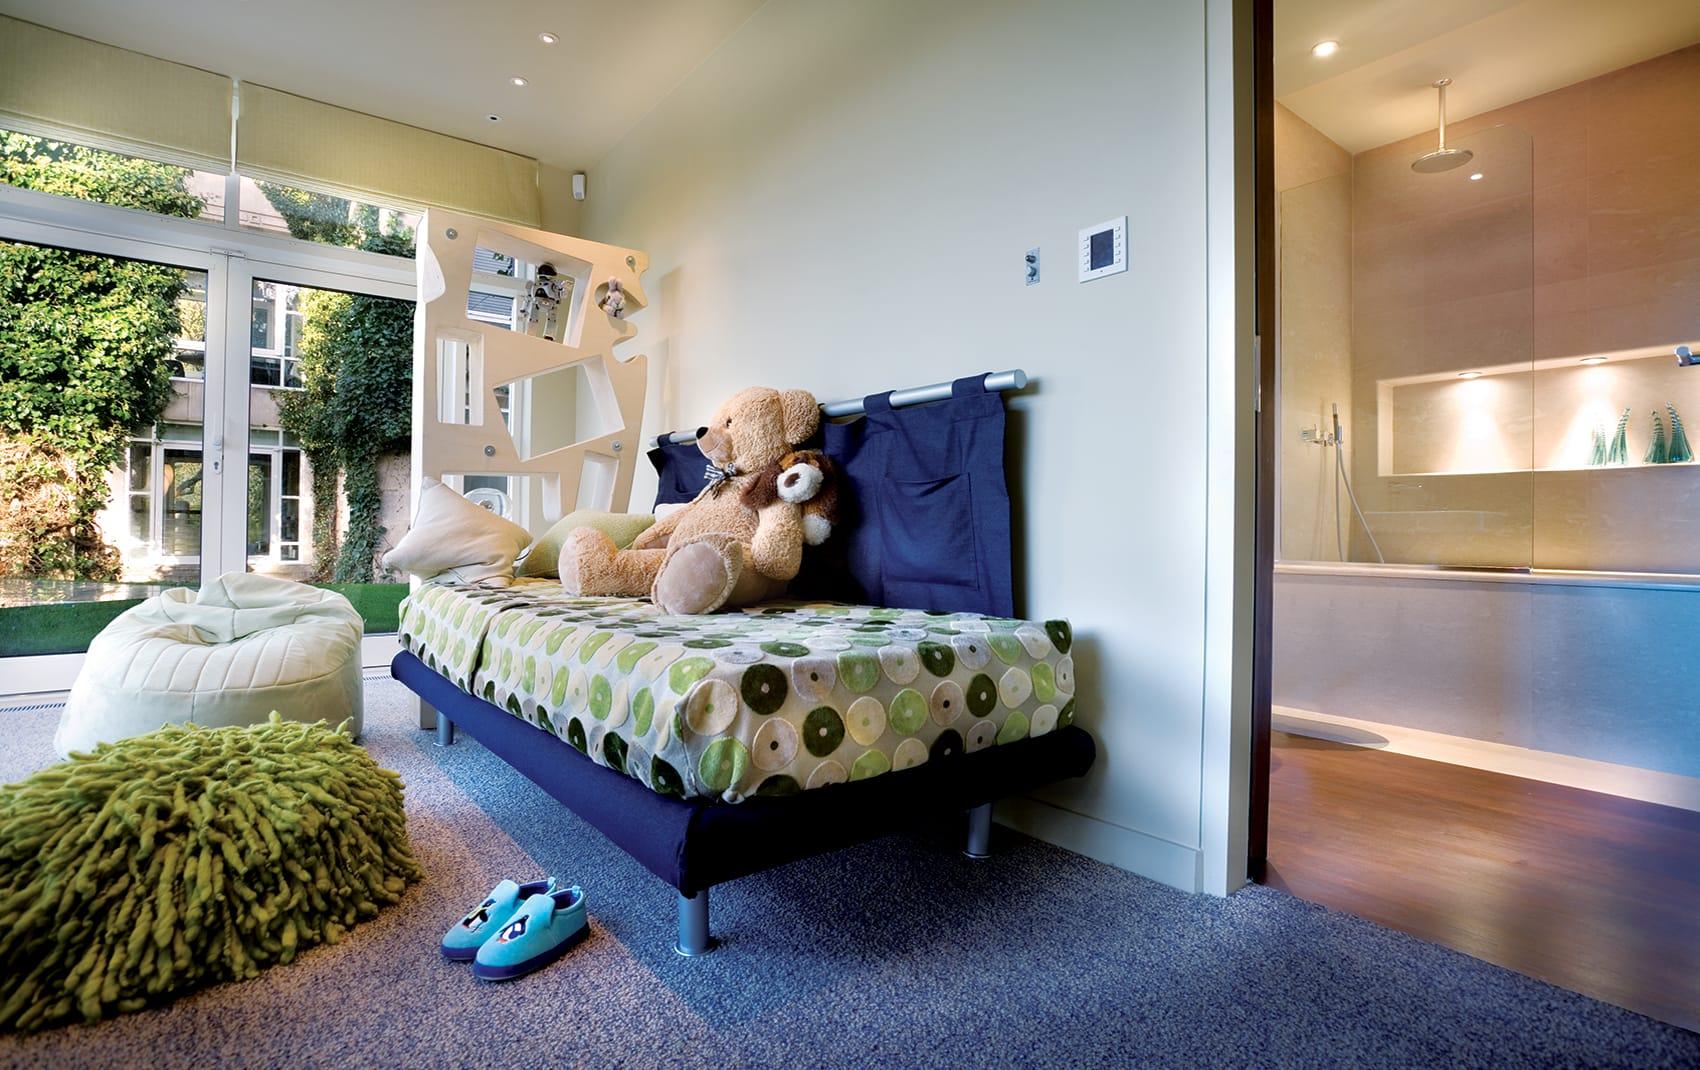 luxury kids room